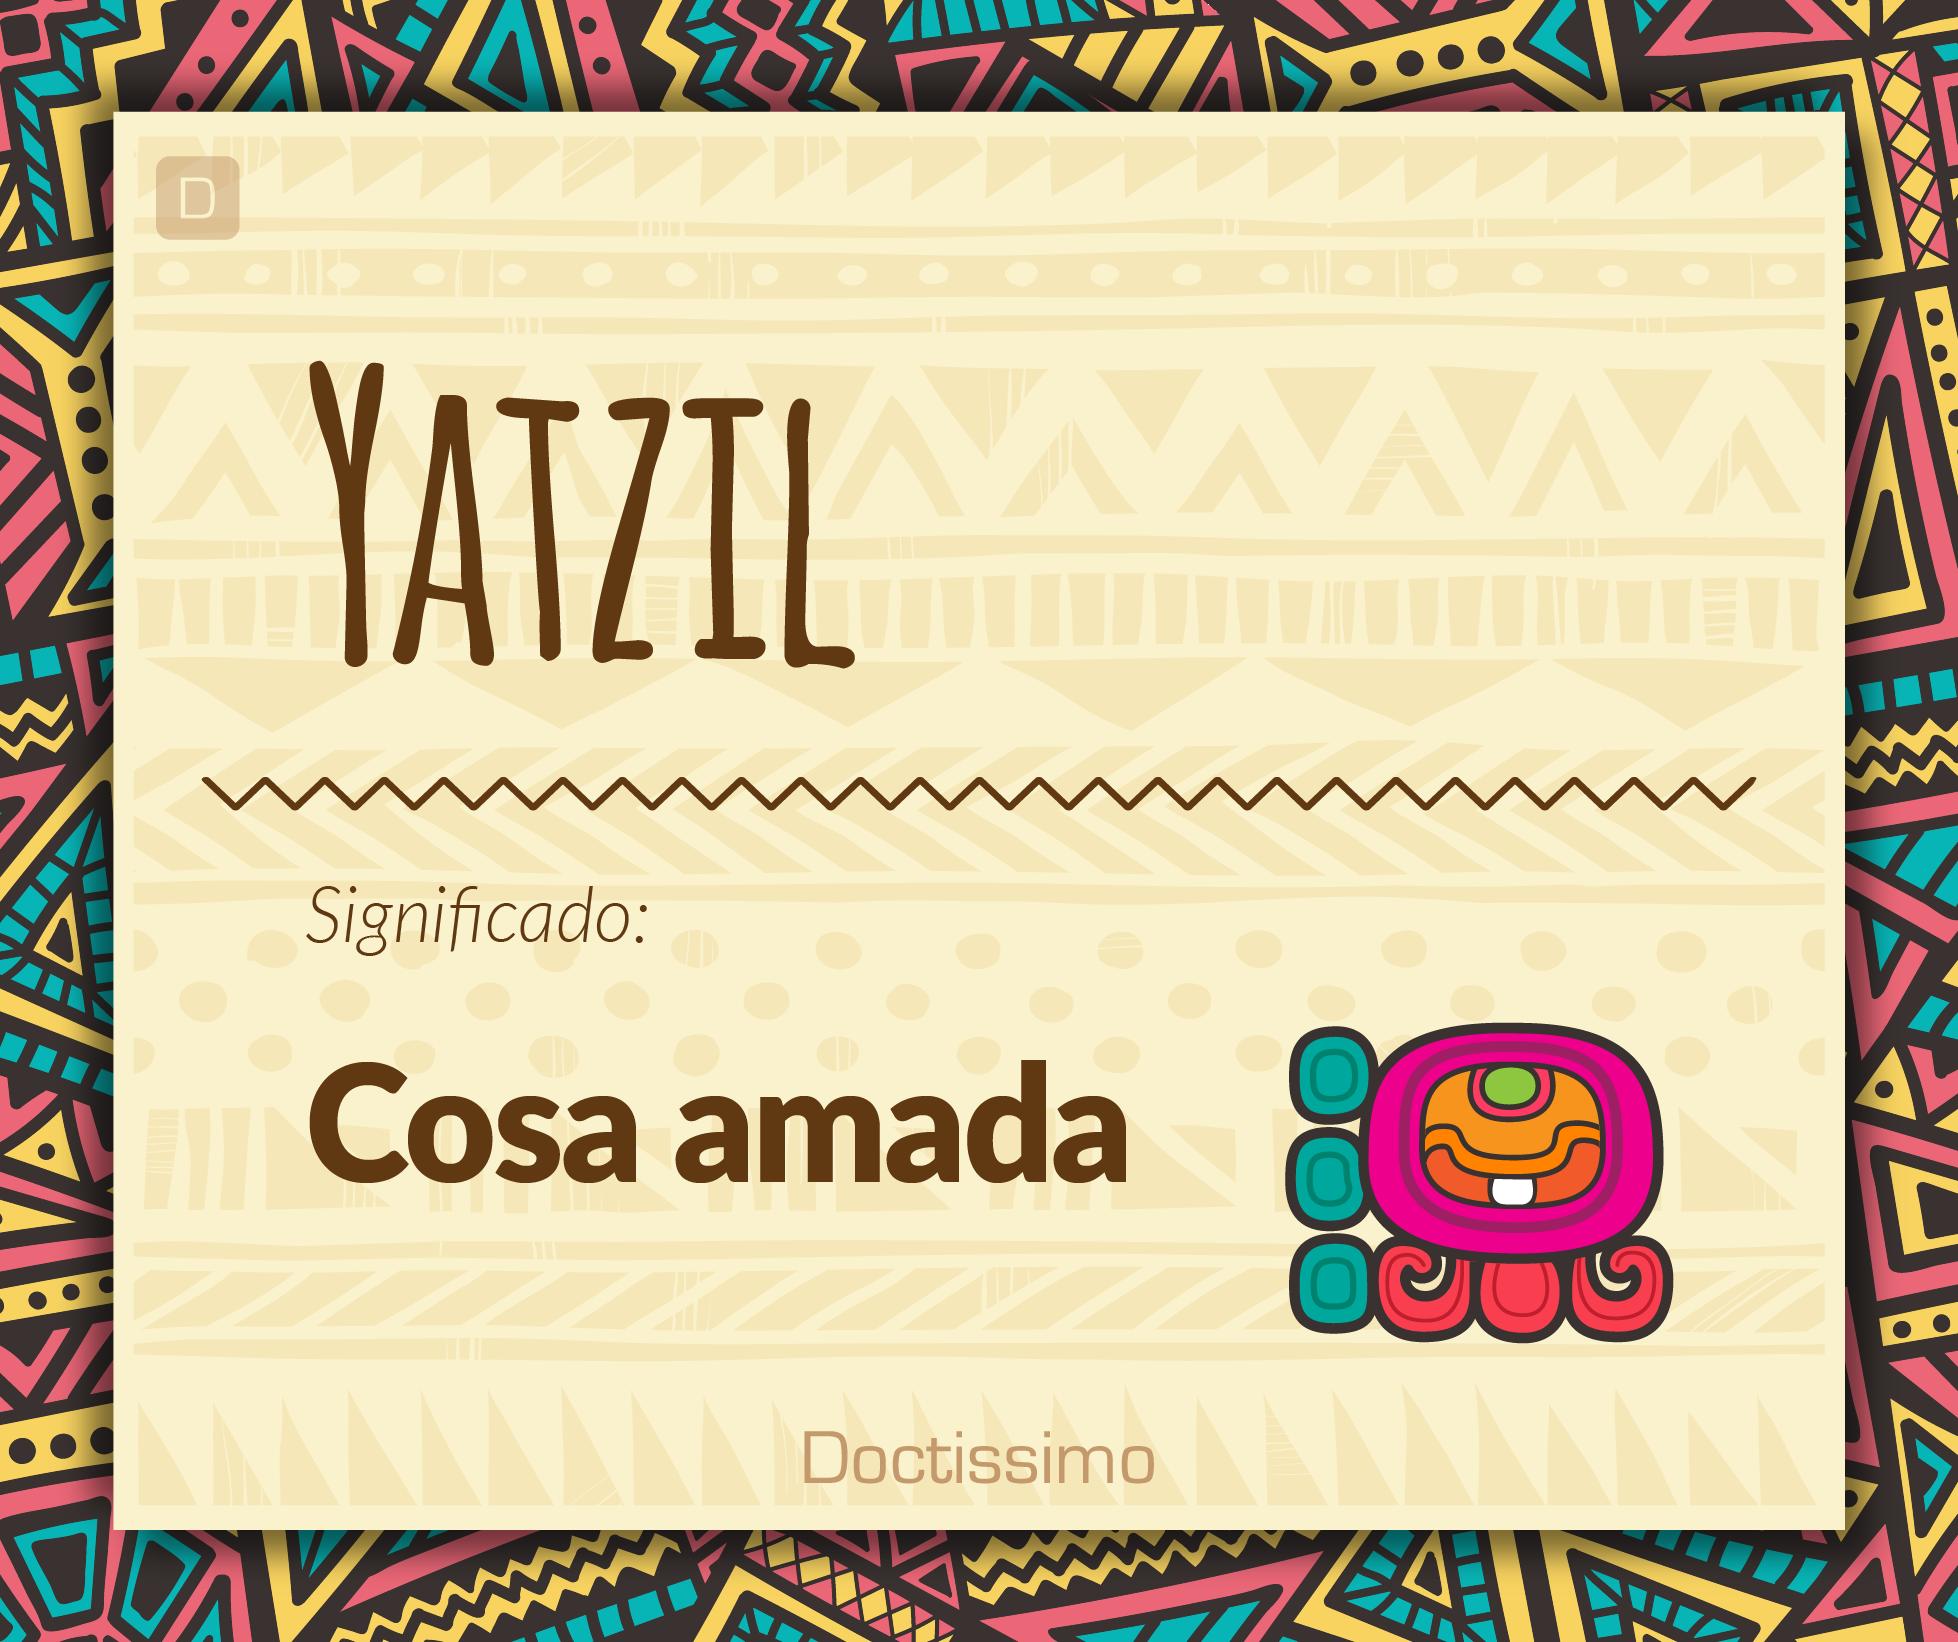 5729936ad Yatzil - Nombres para bebé - Doctissimo  nombresparabebes  nombresdebebes